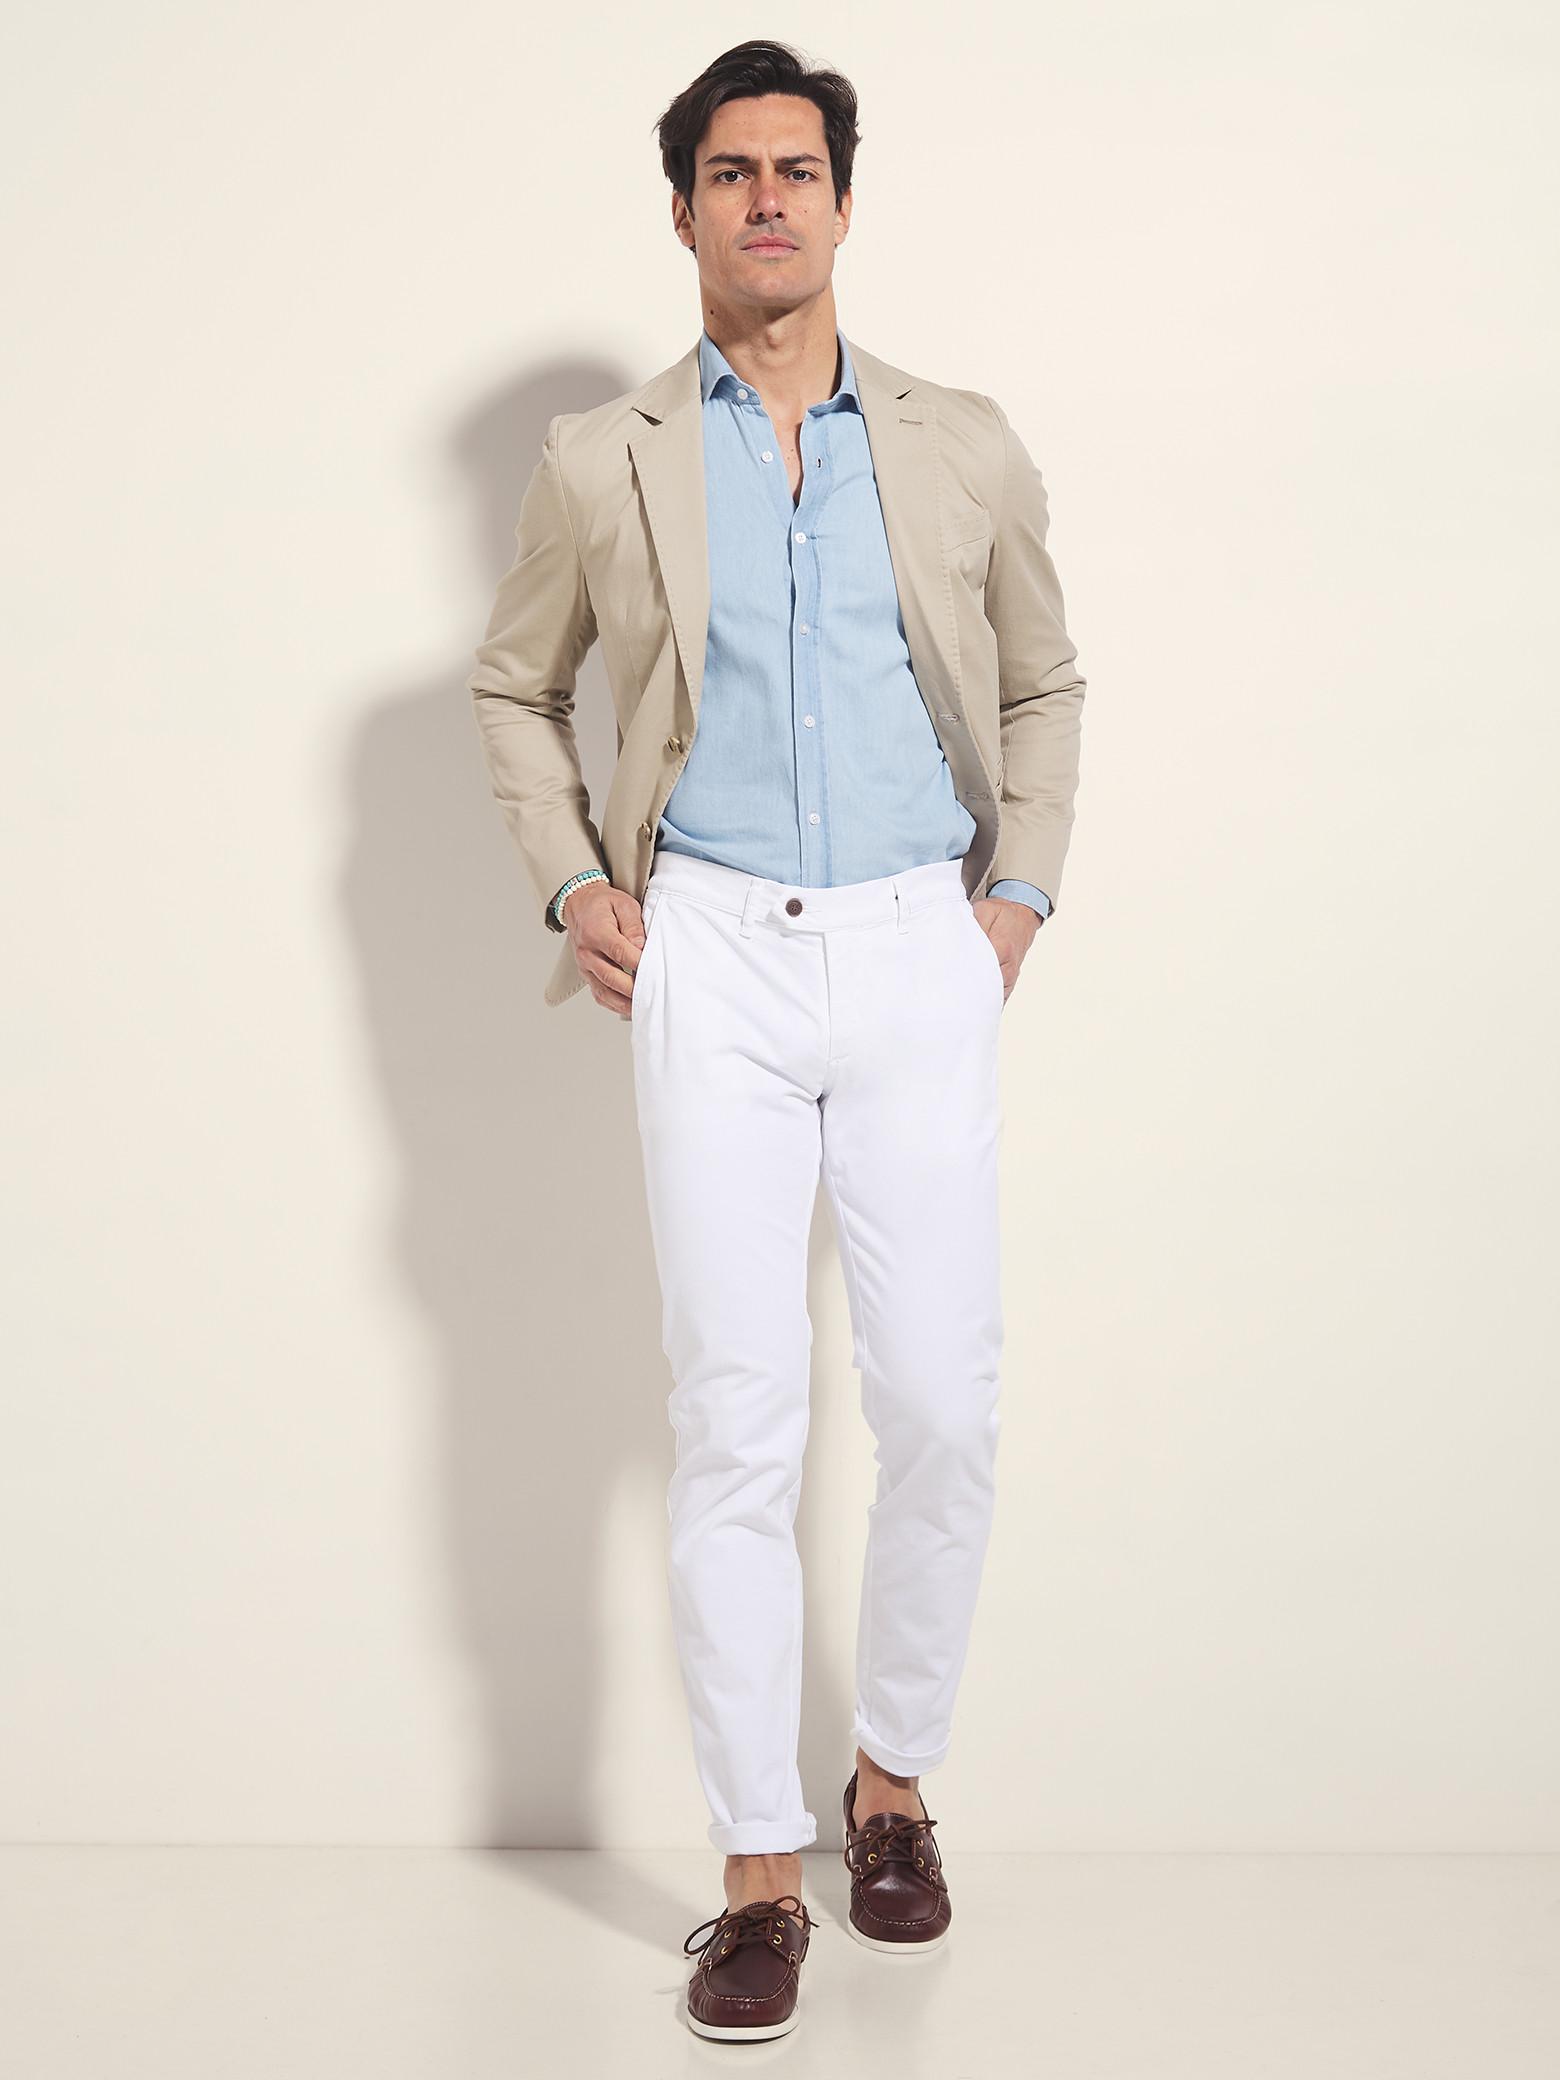 Consejos 2020 – Combinar pantalones blancos